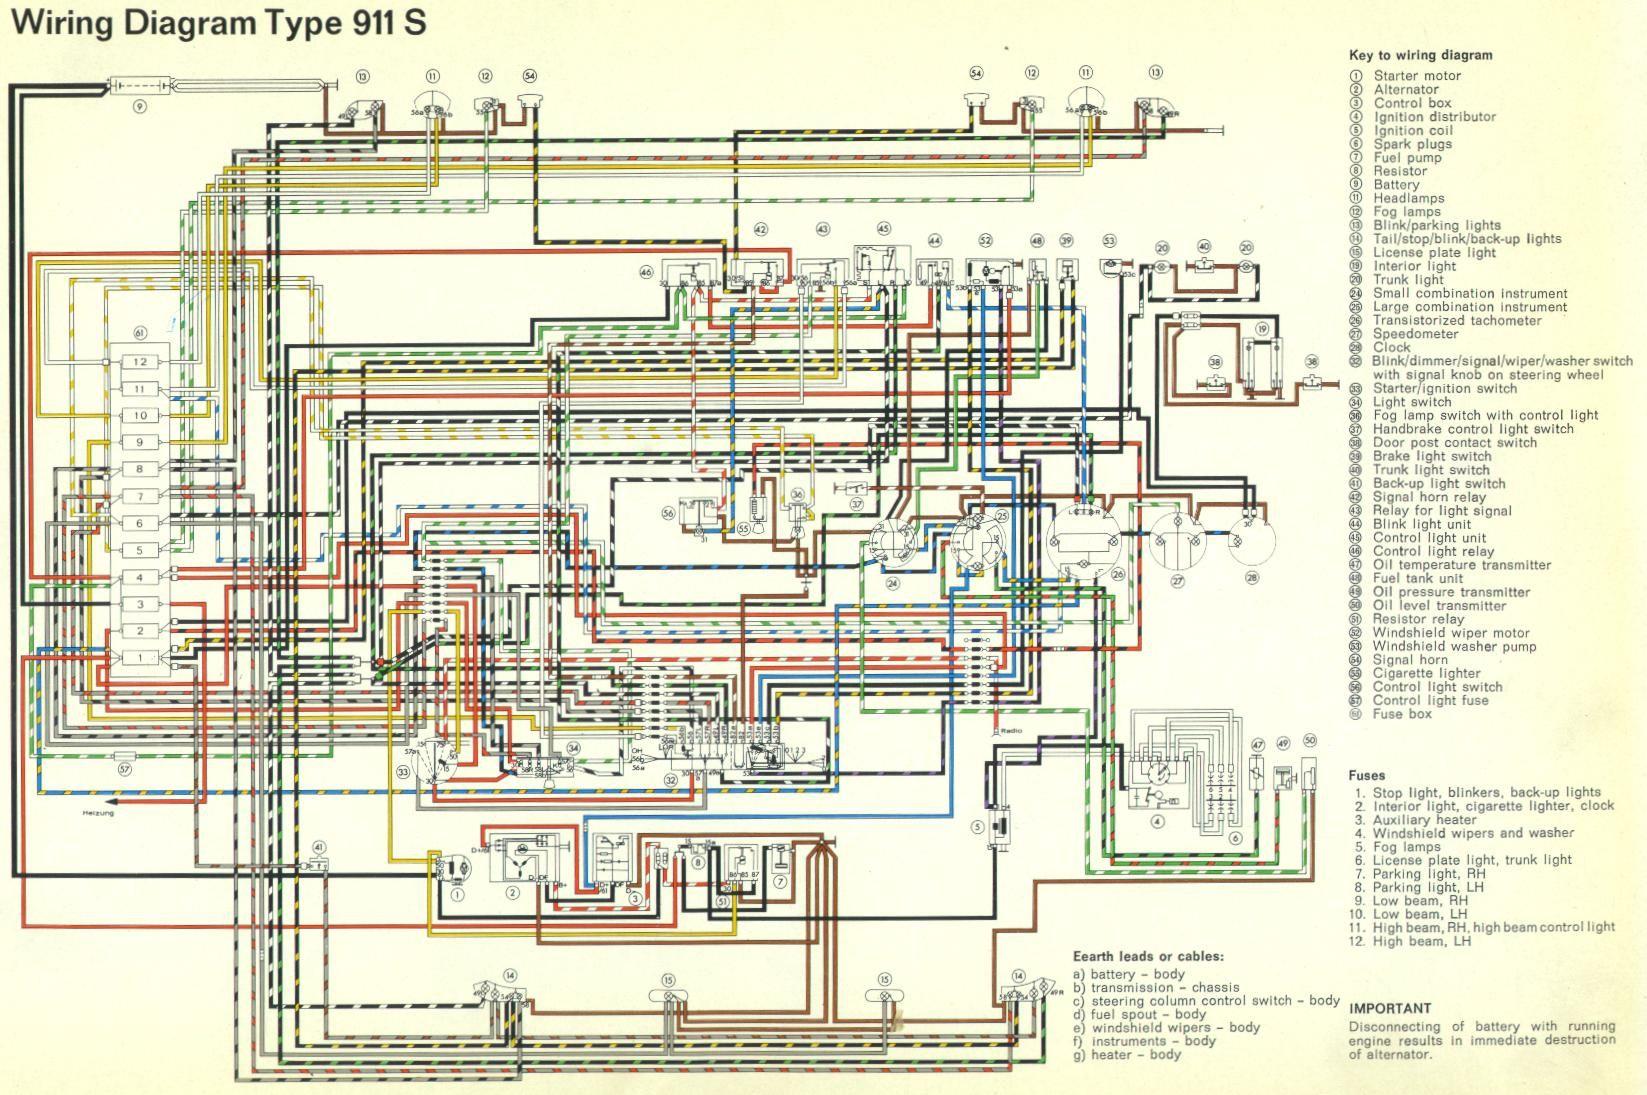 wiring diagram porsche 928 wiring diagram technic 1978 porsche 930 wiring diagram 1978 porsche wiring diagram [ 1647 x 1095 Pixel ]